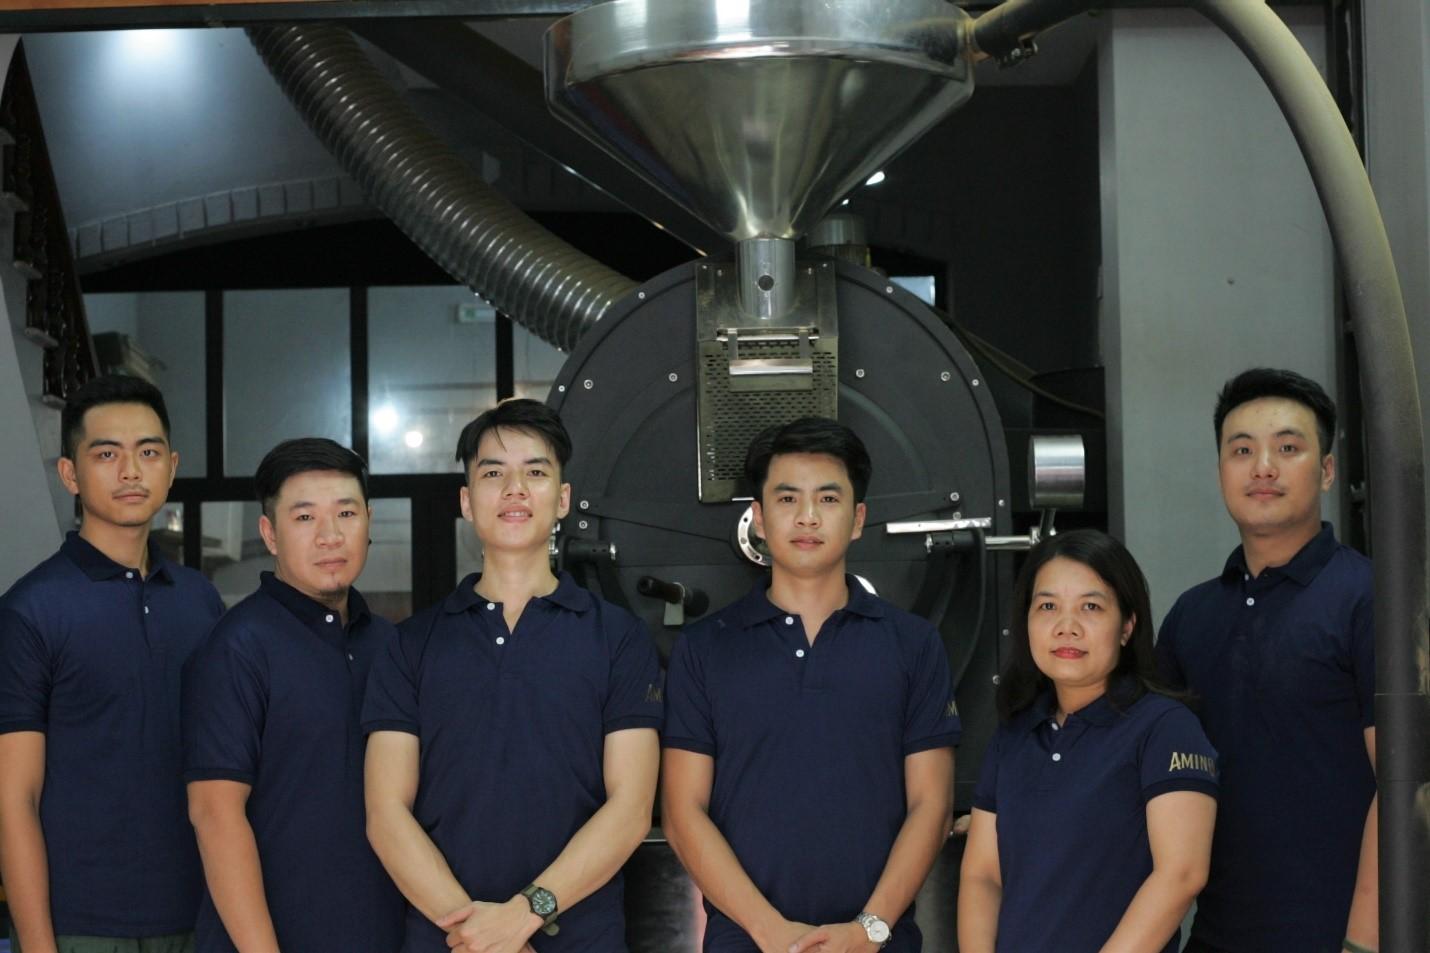 Đội ngũ hỗ trợ tư vấn cà phê giàu kinh nghiệm tại Amino Coffee